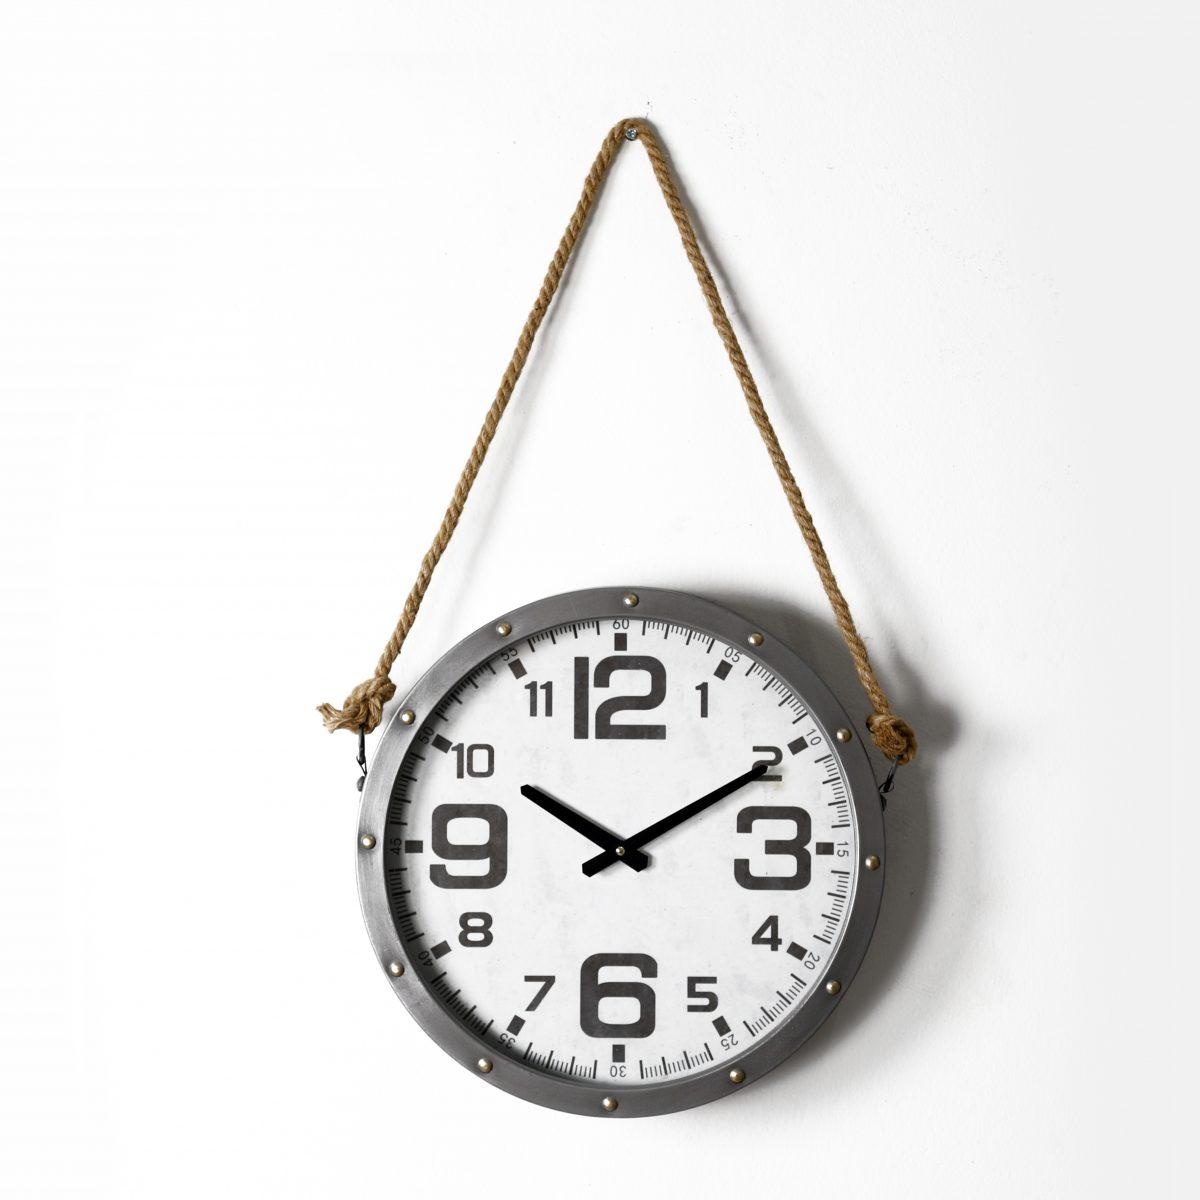 ساعة حائط أنتيكة بحبل موديل روبي شكل دائري صناعة معدنية